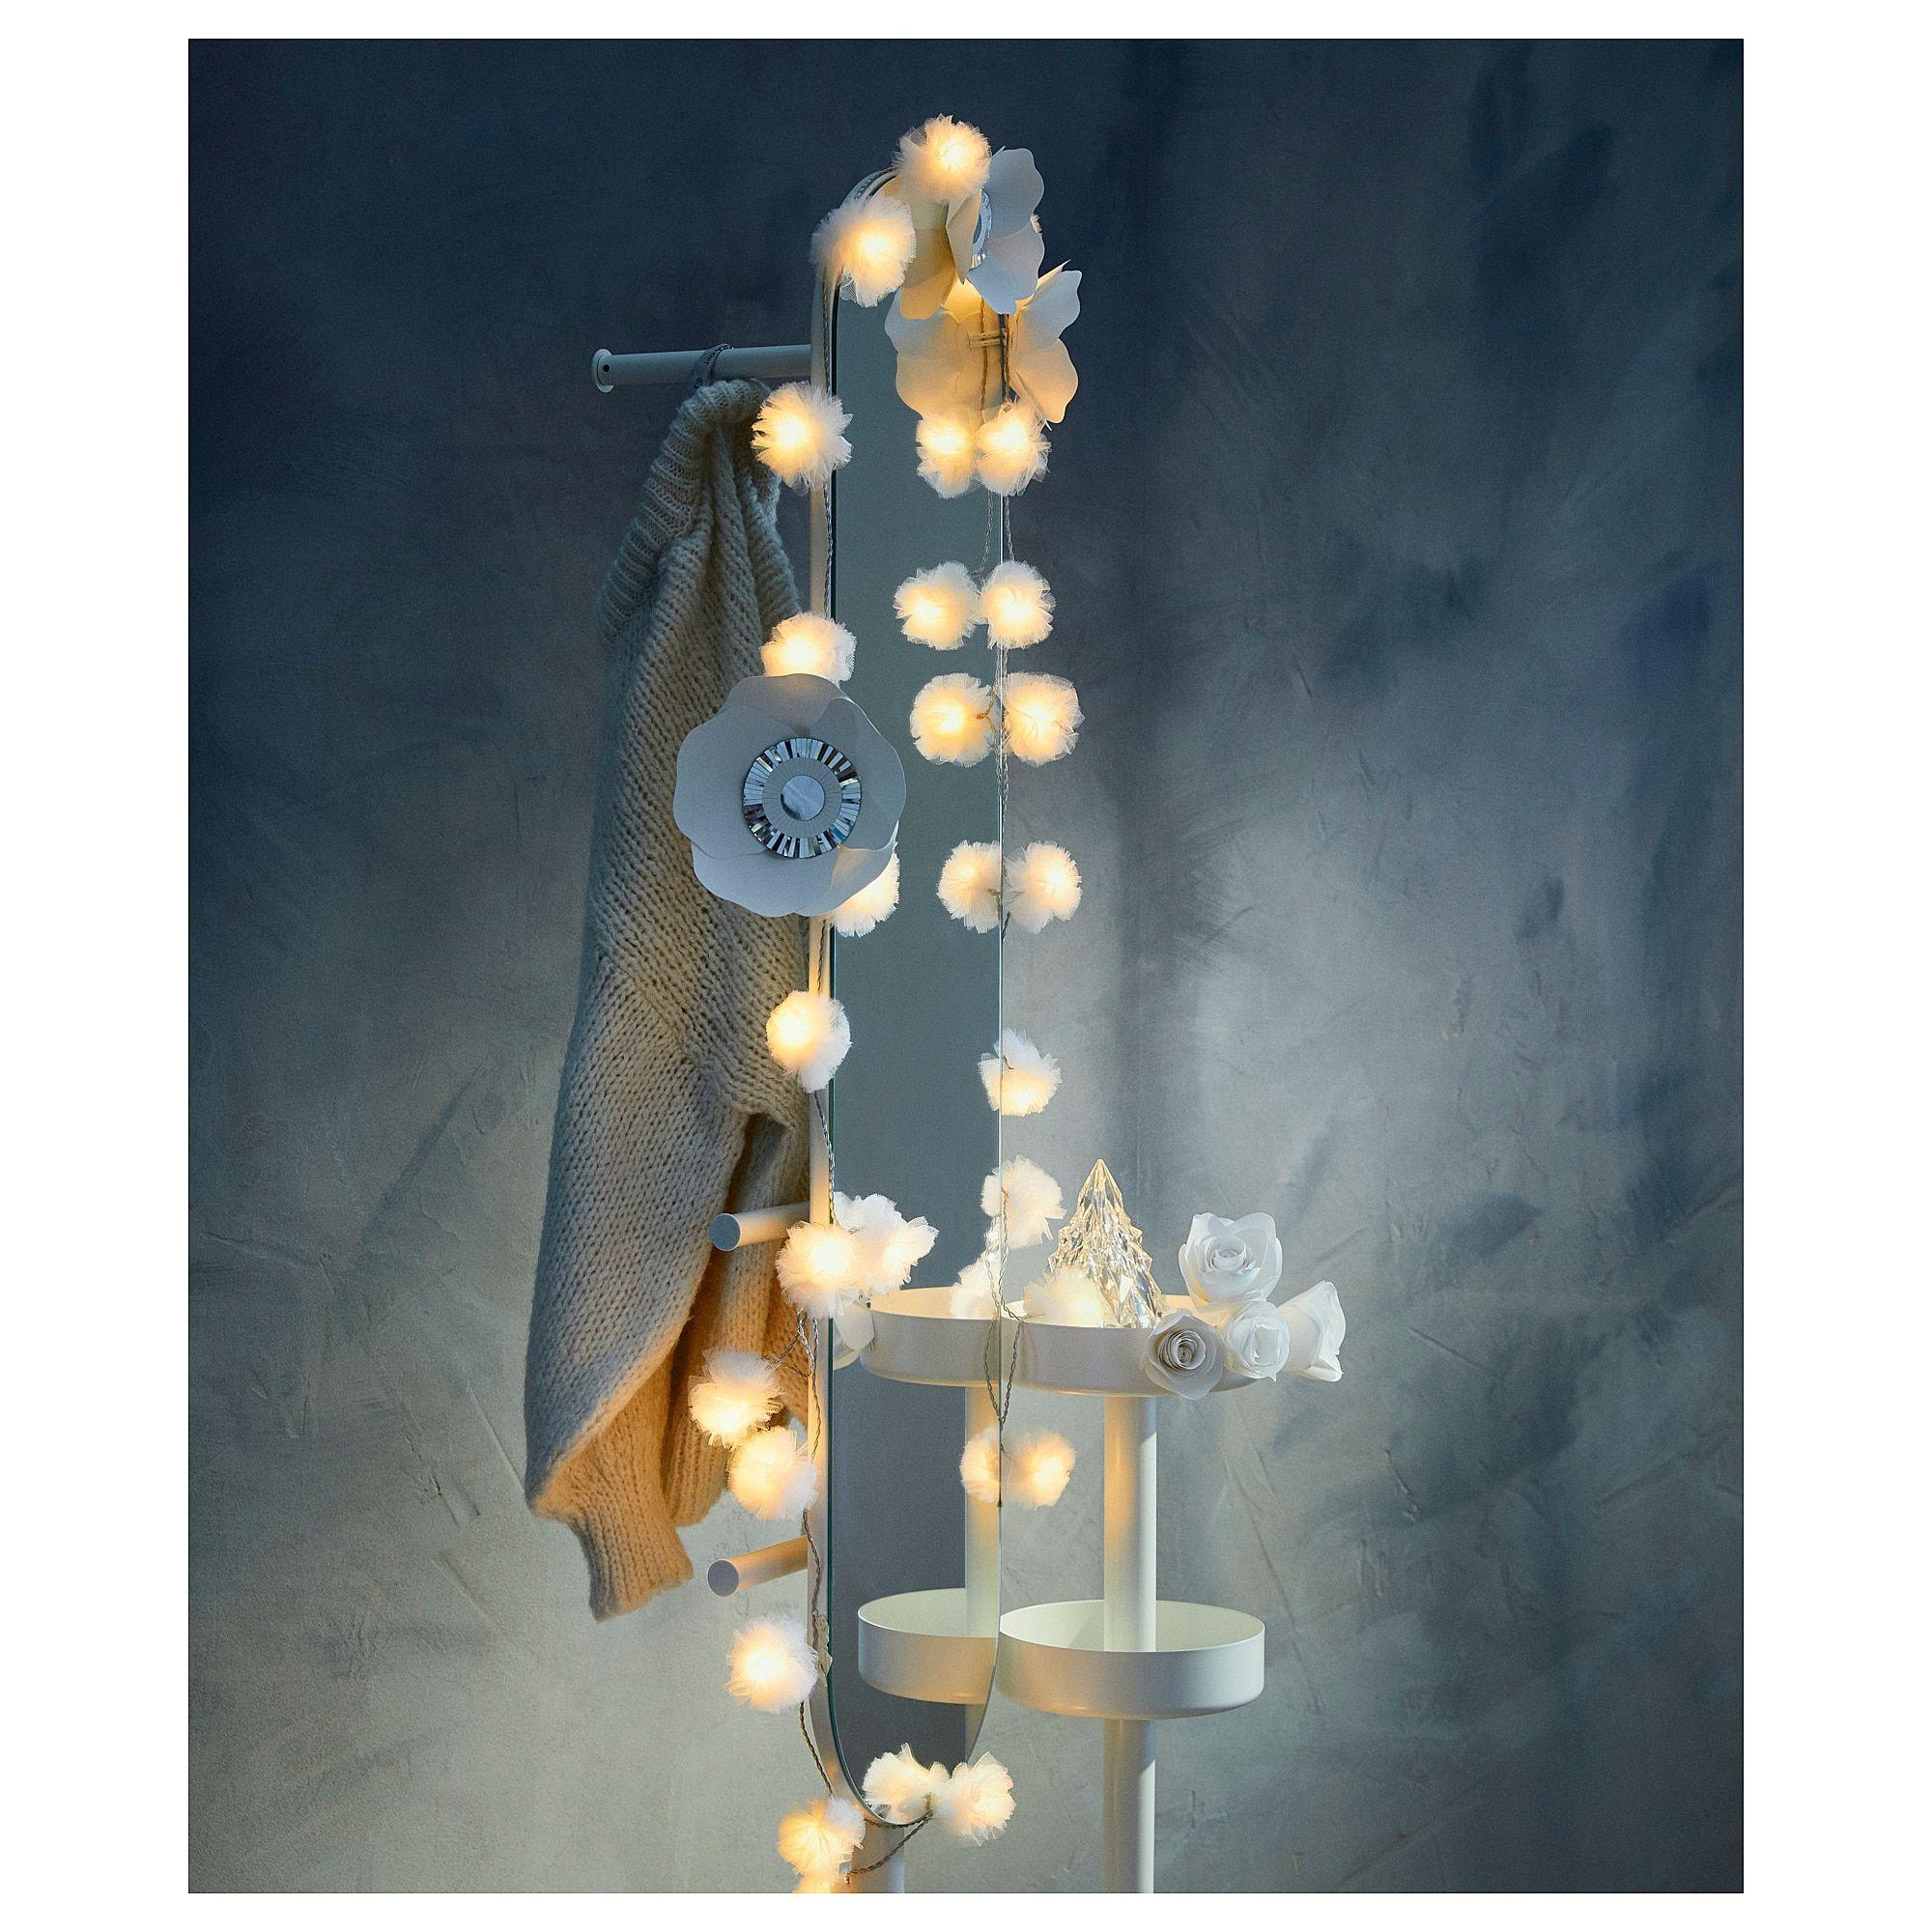 LIVSÅR indoor, tulle white, LED lighting chain with 24